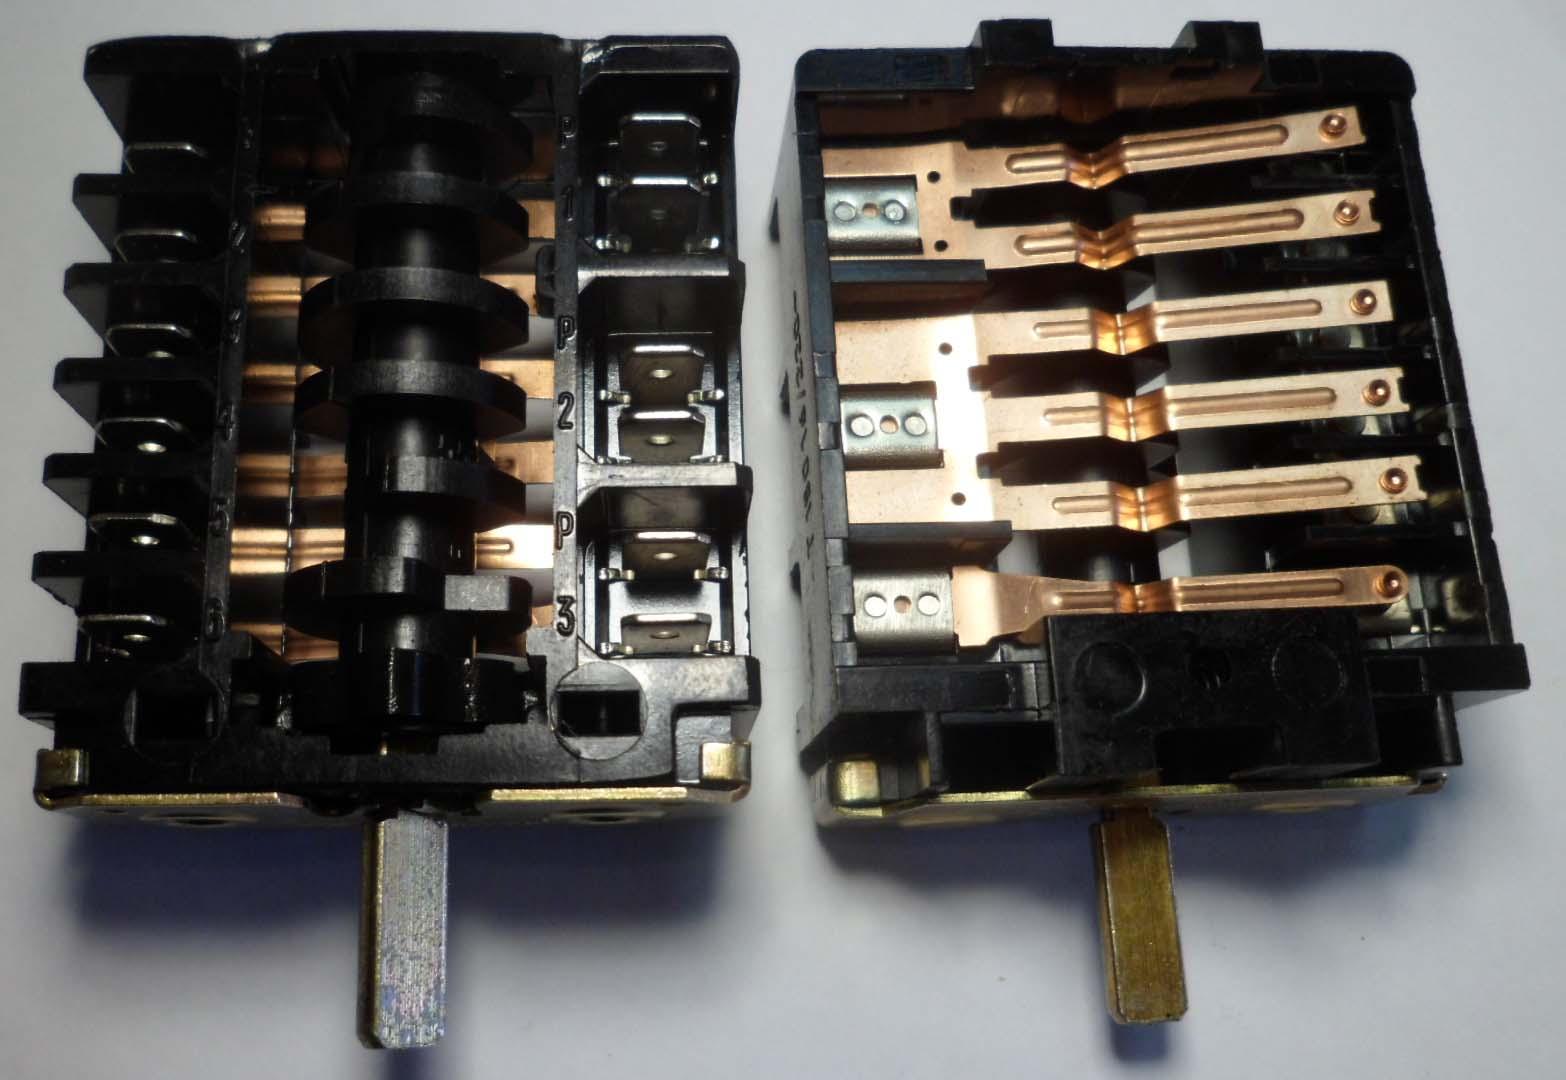 схема подключения переключателя эл.плиты